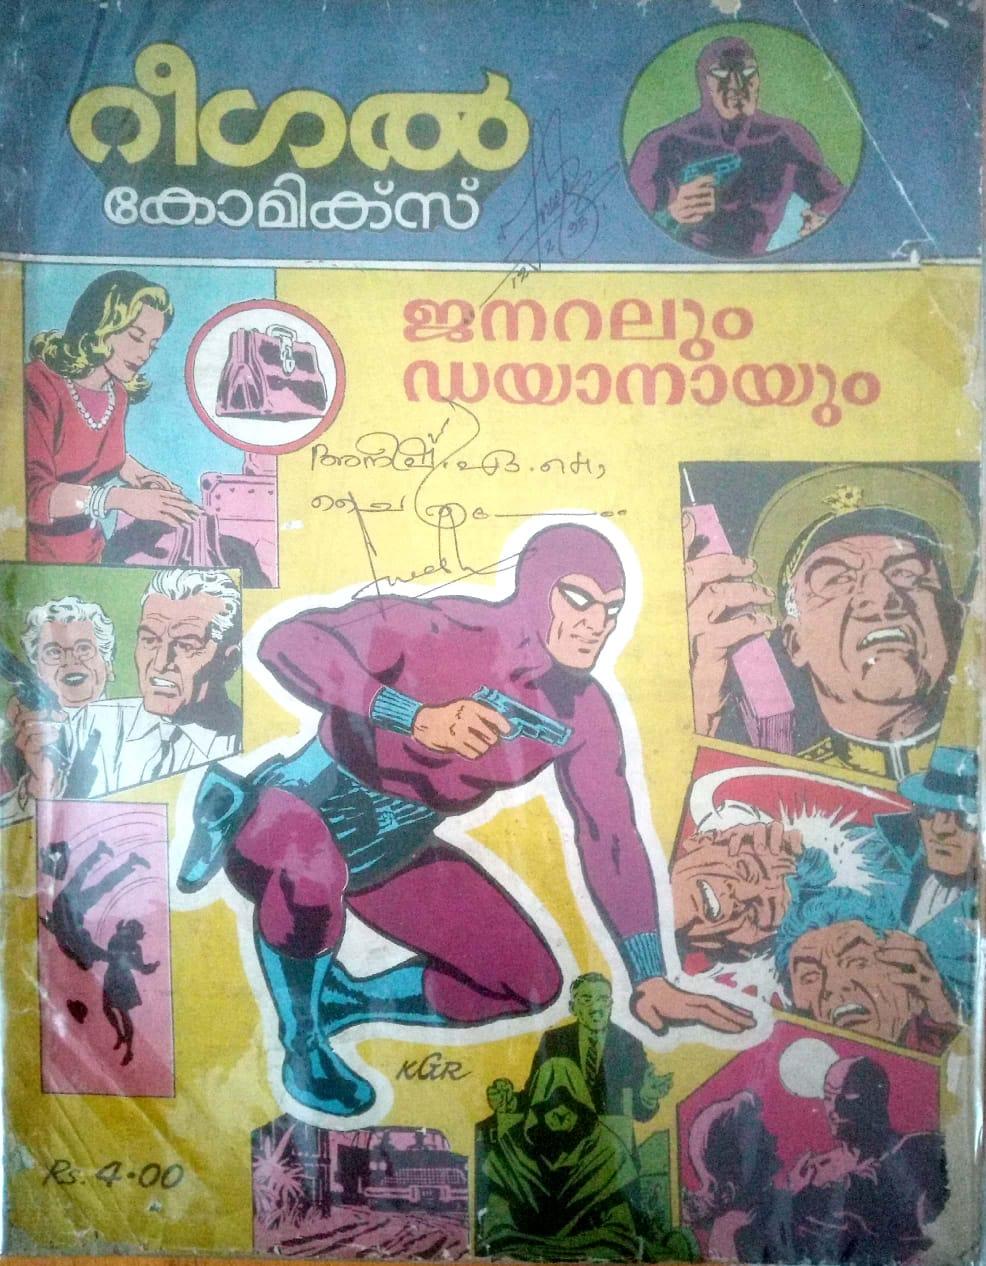 Extrem Comics !!!!!: Regal Comics....... HU29